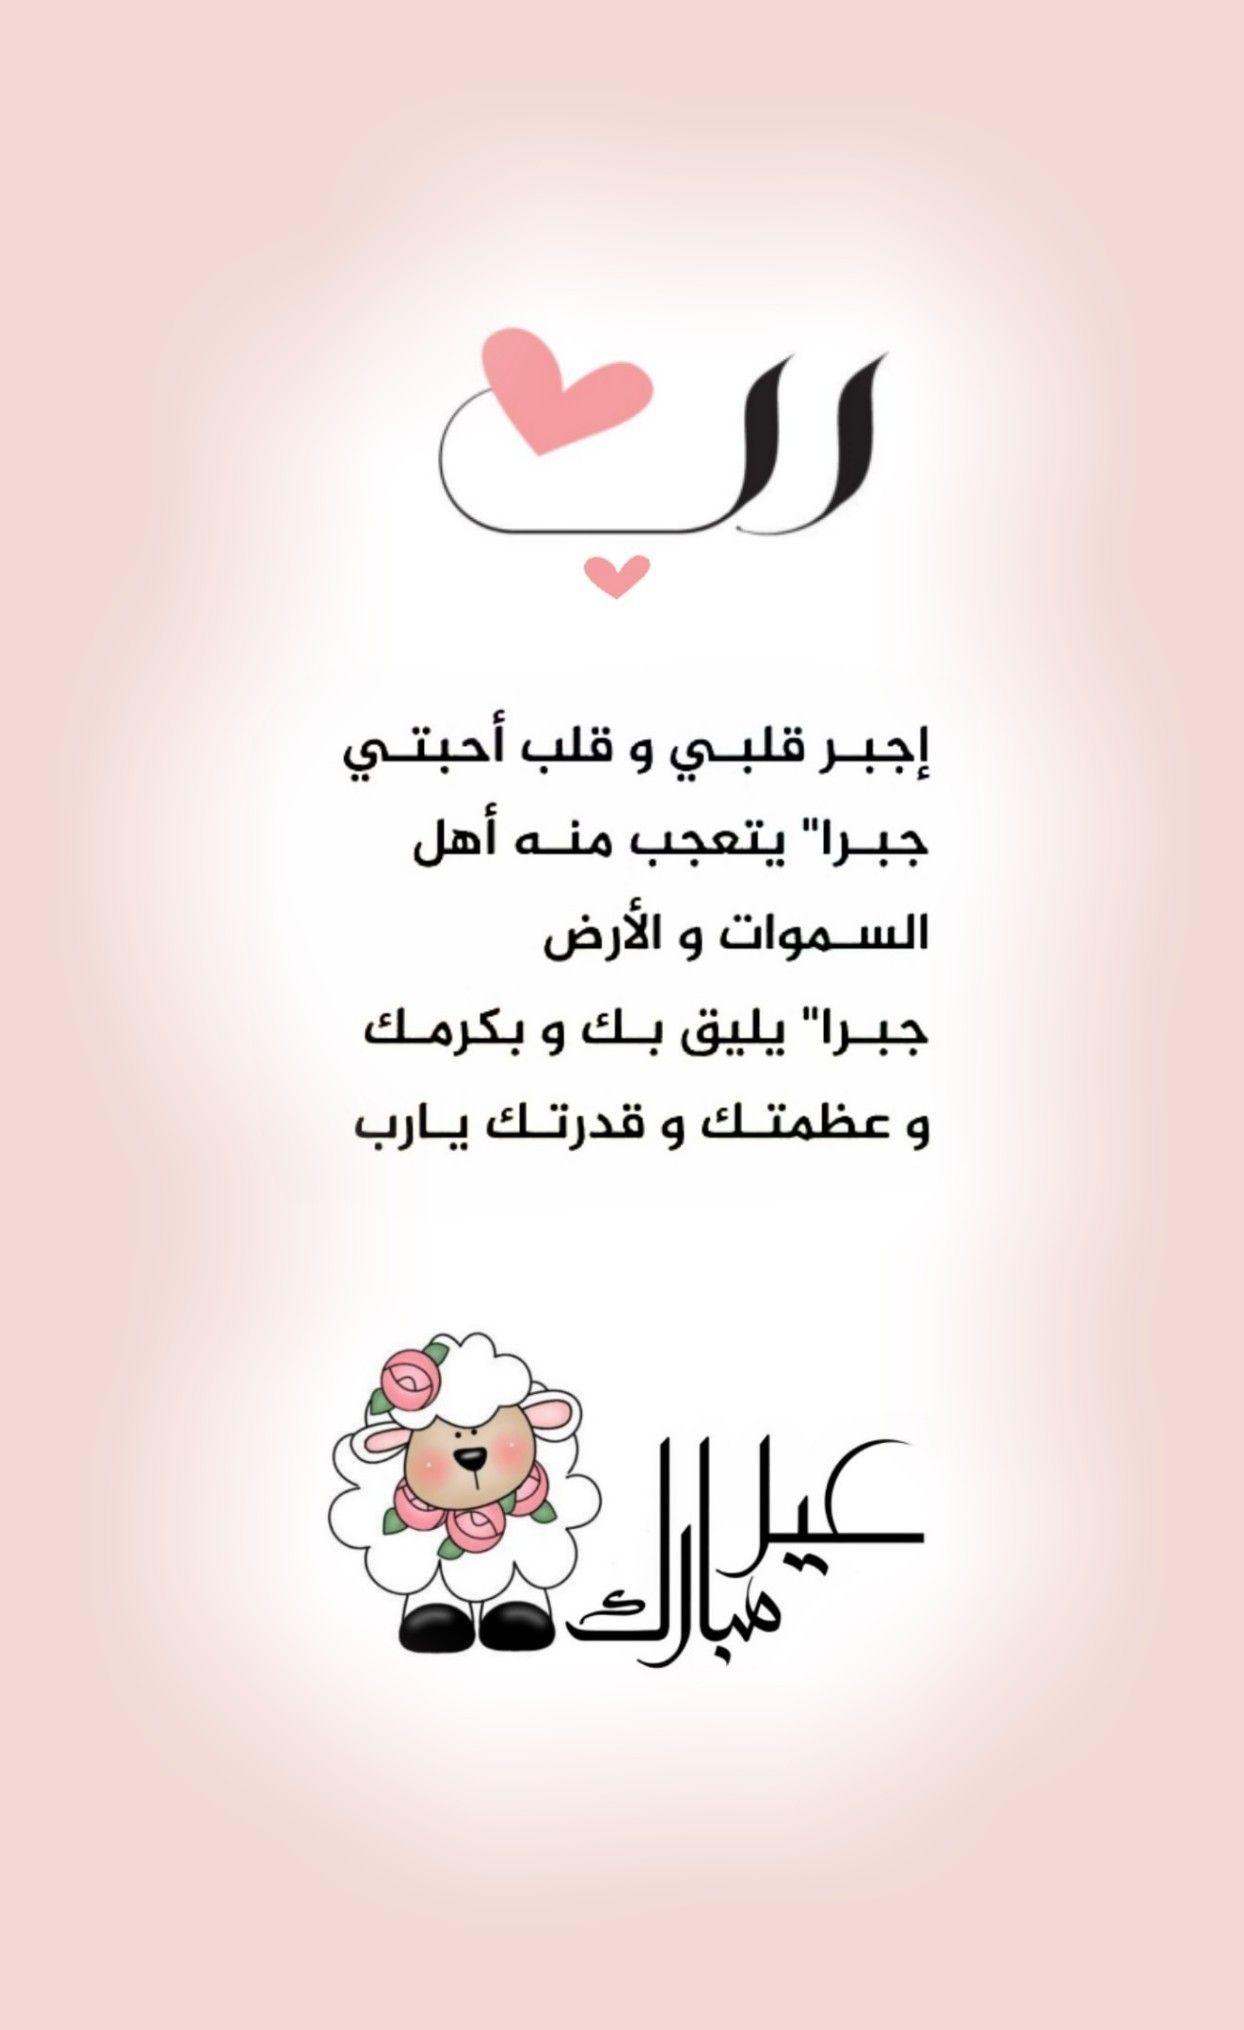 رب إجبـر قلبـي و قلب أحبتـي جبـرا يتعجب منـه أهل السـموات والأرض جبـرا يليق بـك وبكرمـك وعظمتـك وقدرتـك يـارب Islamic Quotes Quran Quotes Islamic Quotes